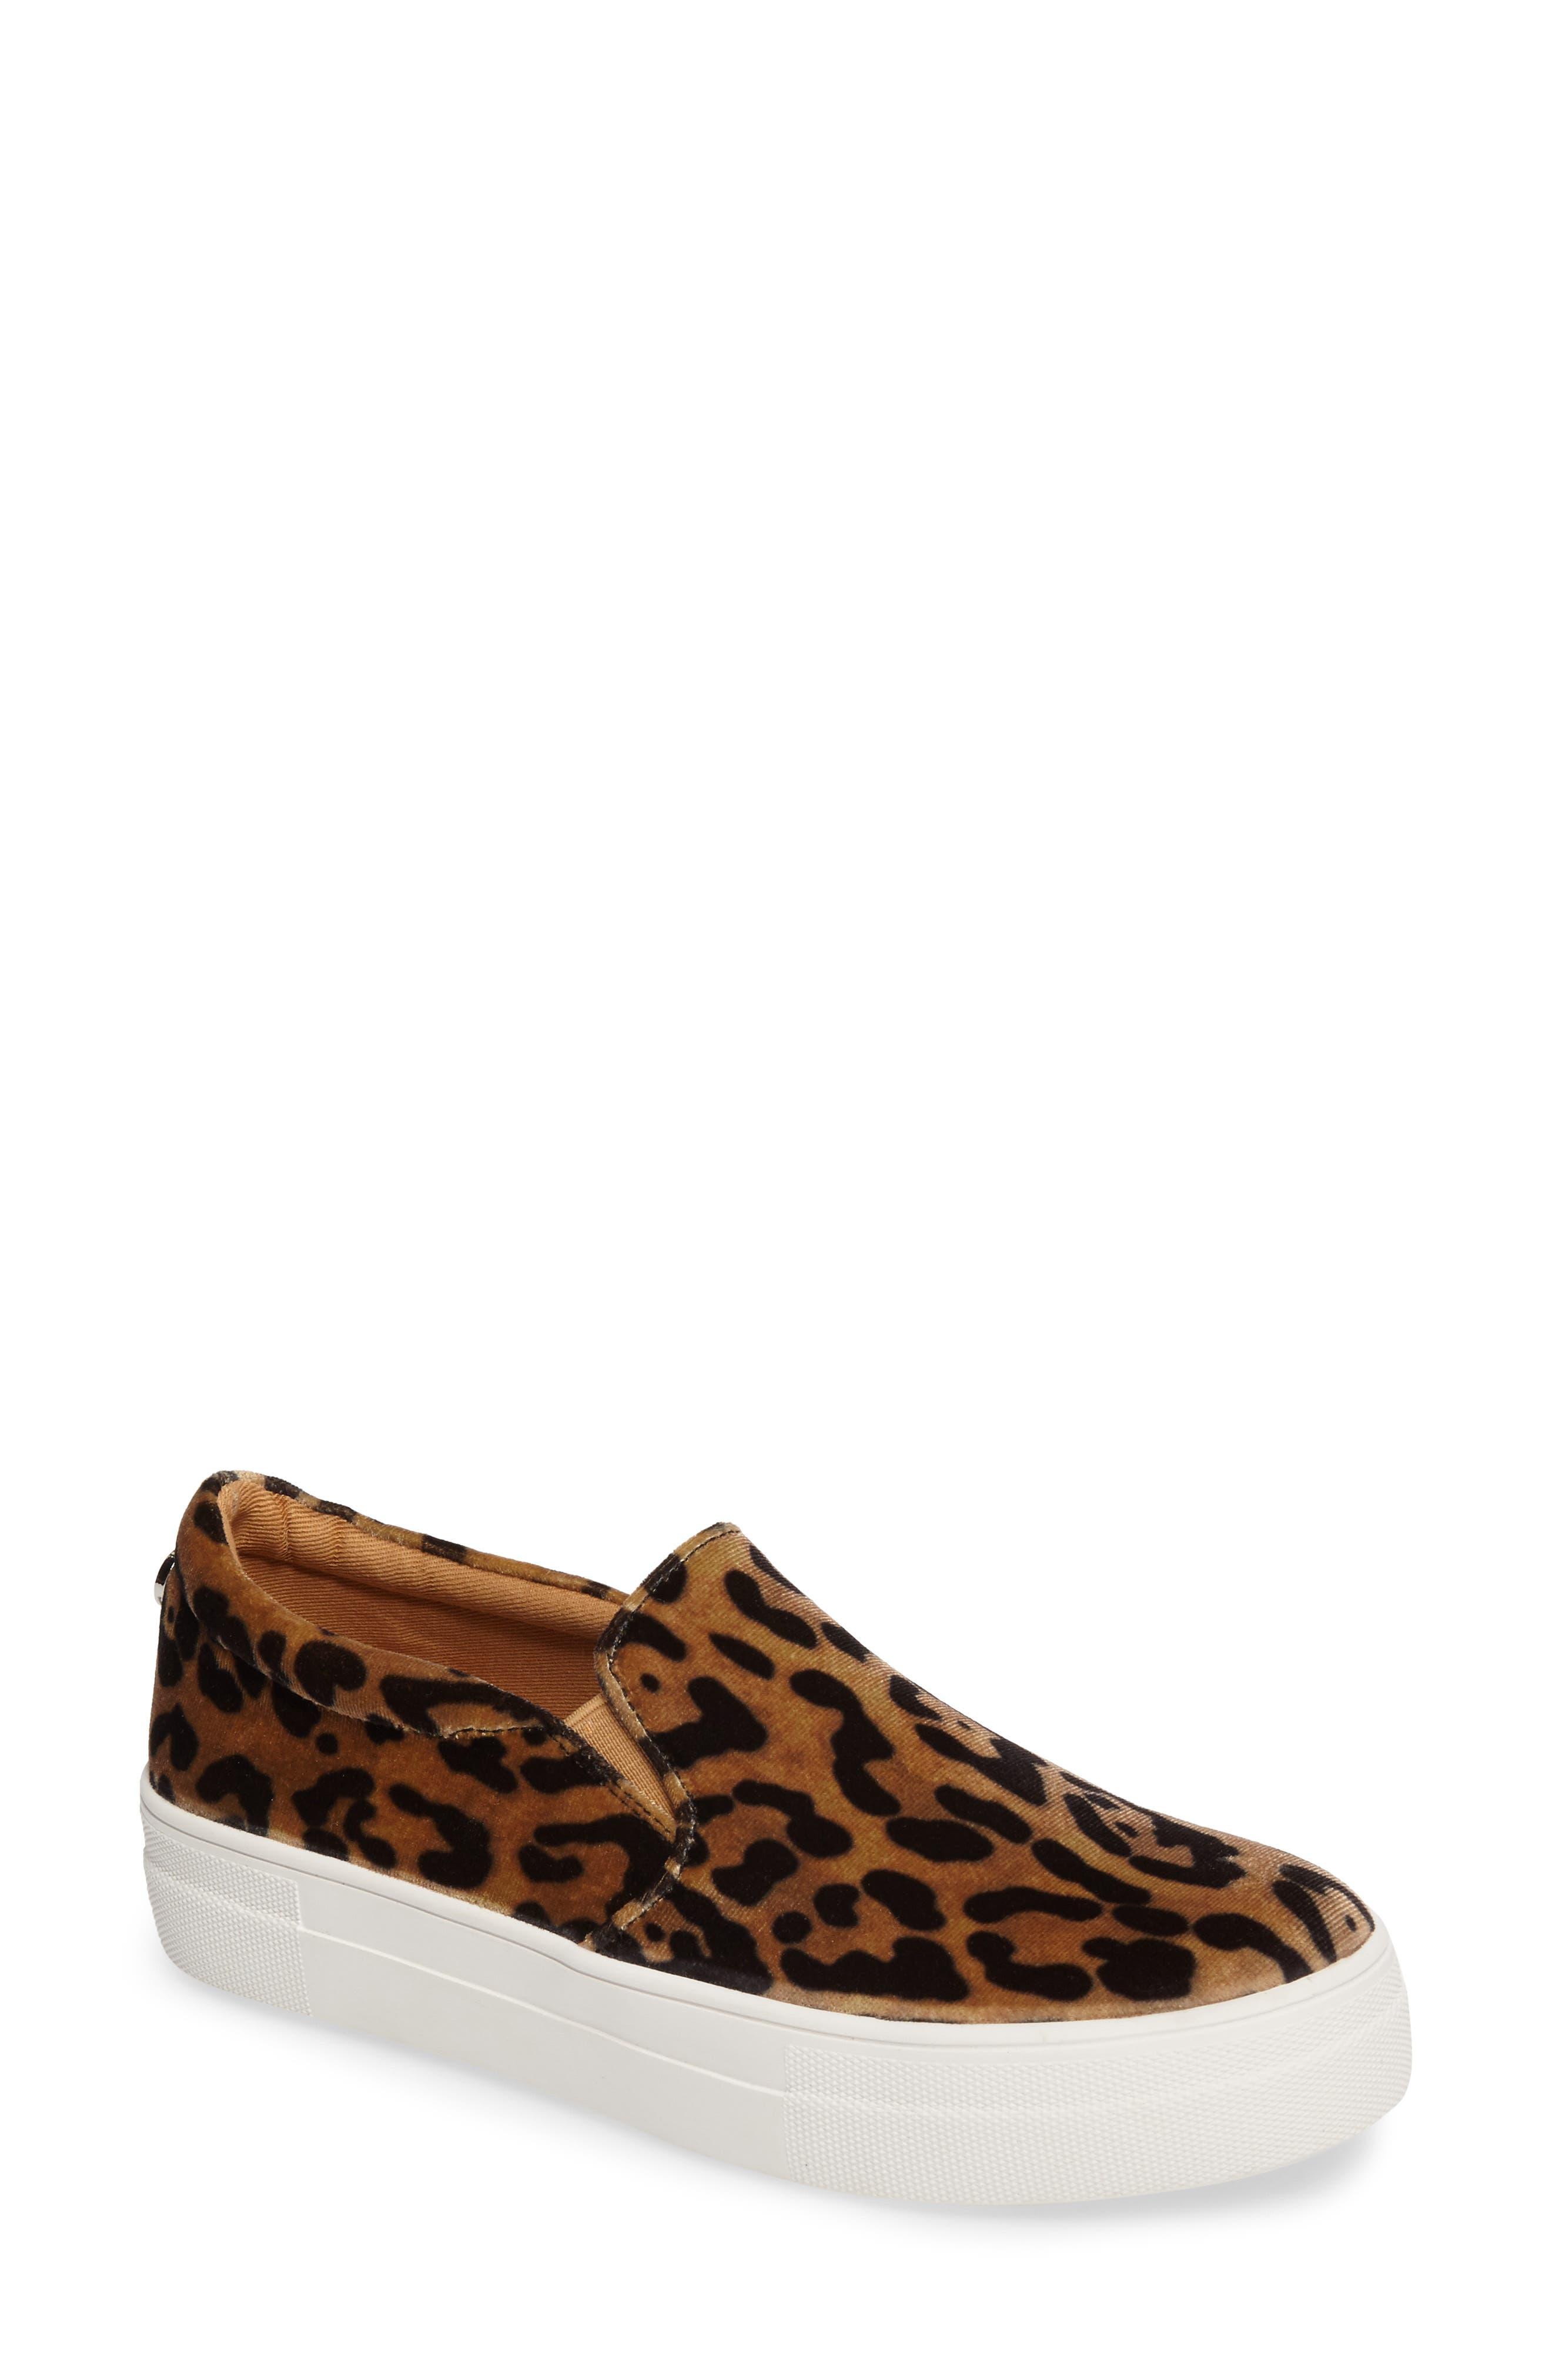 Gills Platform Slip-On Sneaker,                             Main thumbnail 1, color,                             001